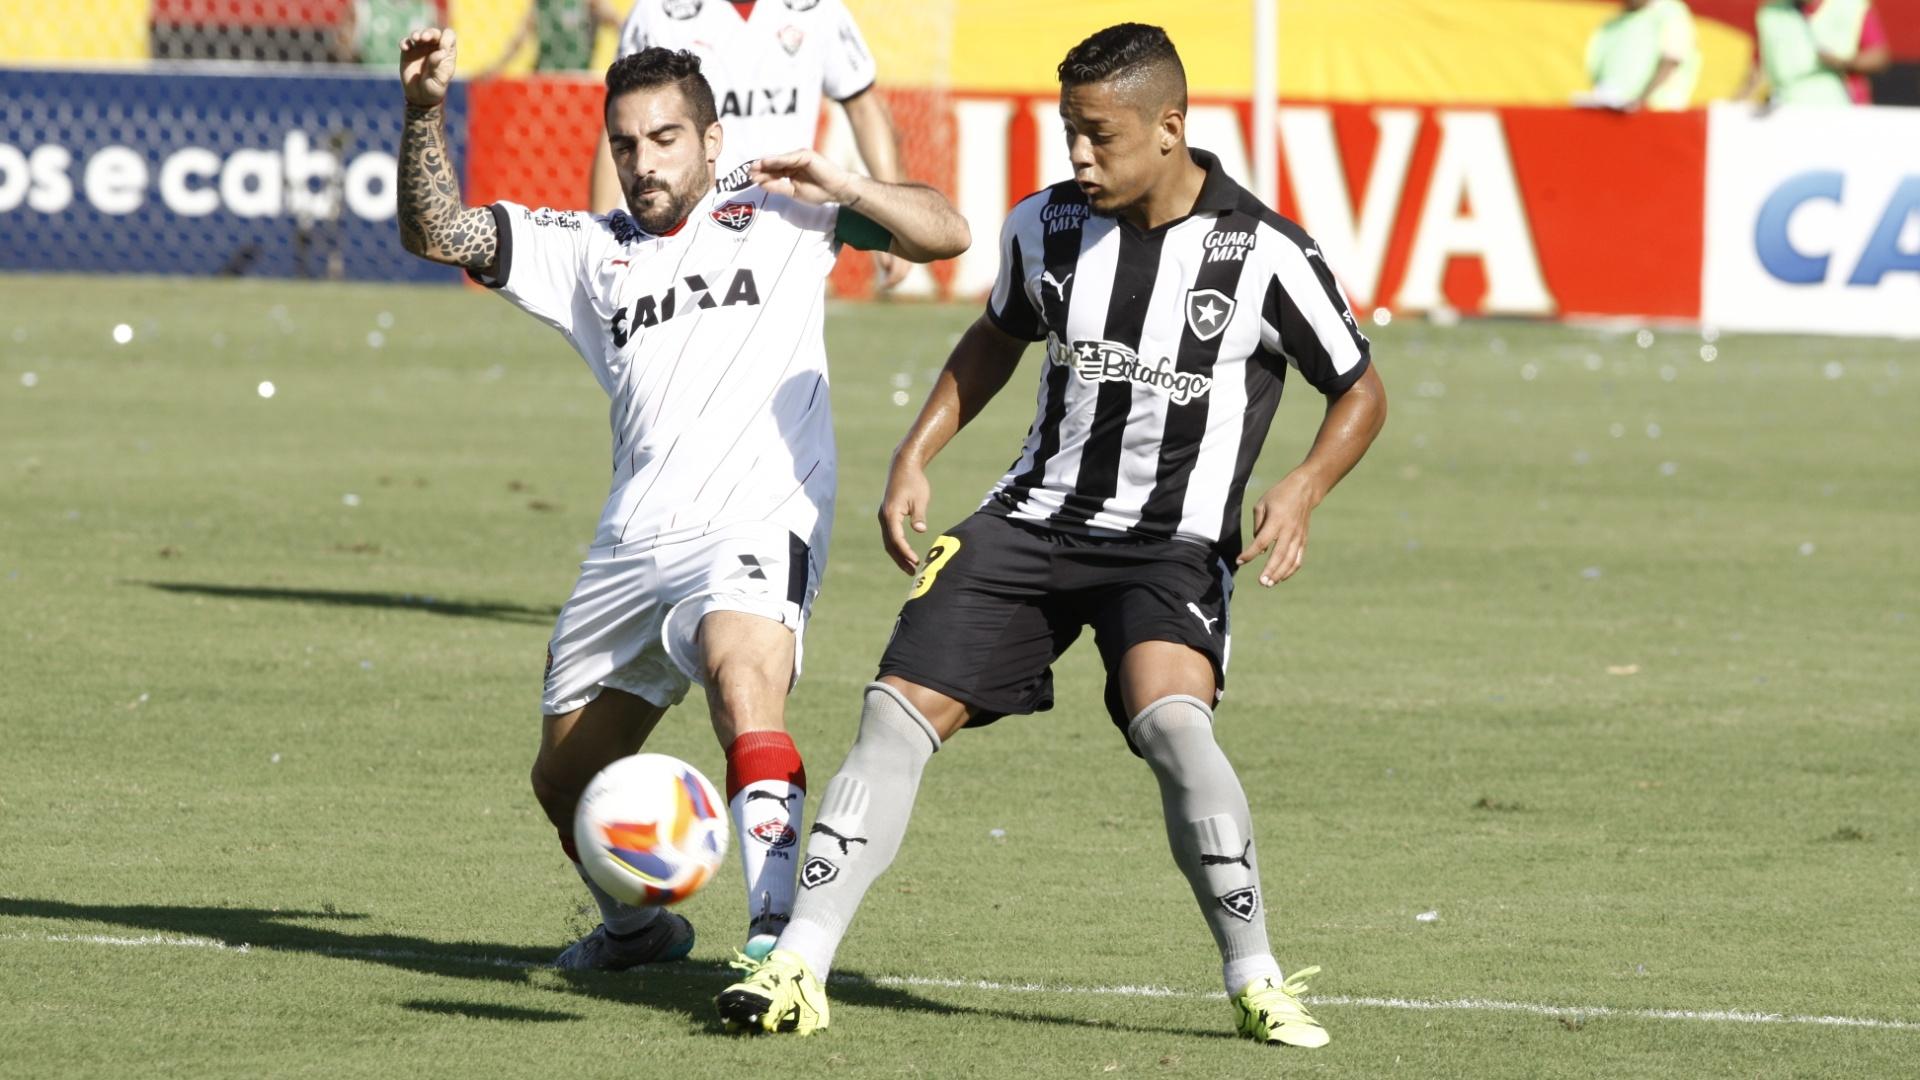 Escudero (esq.), do Vitória, disputa bola com Tomas, do Botafogo, em partida neste sábado (5), pela Série B do Campeonato Brasileiro